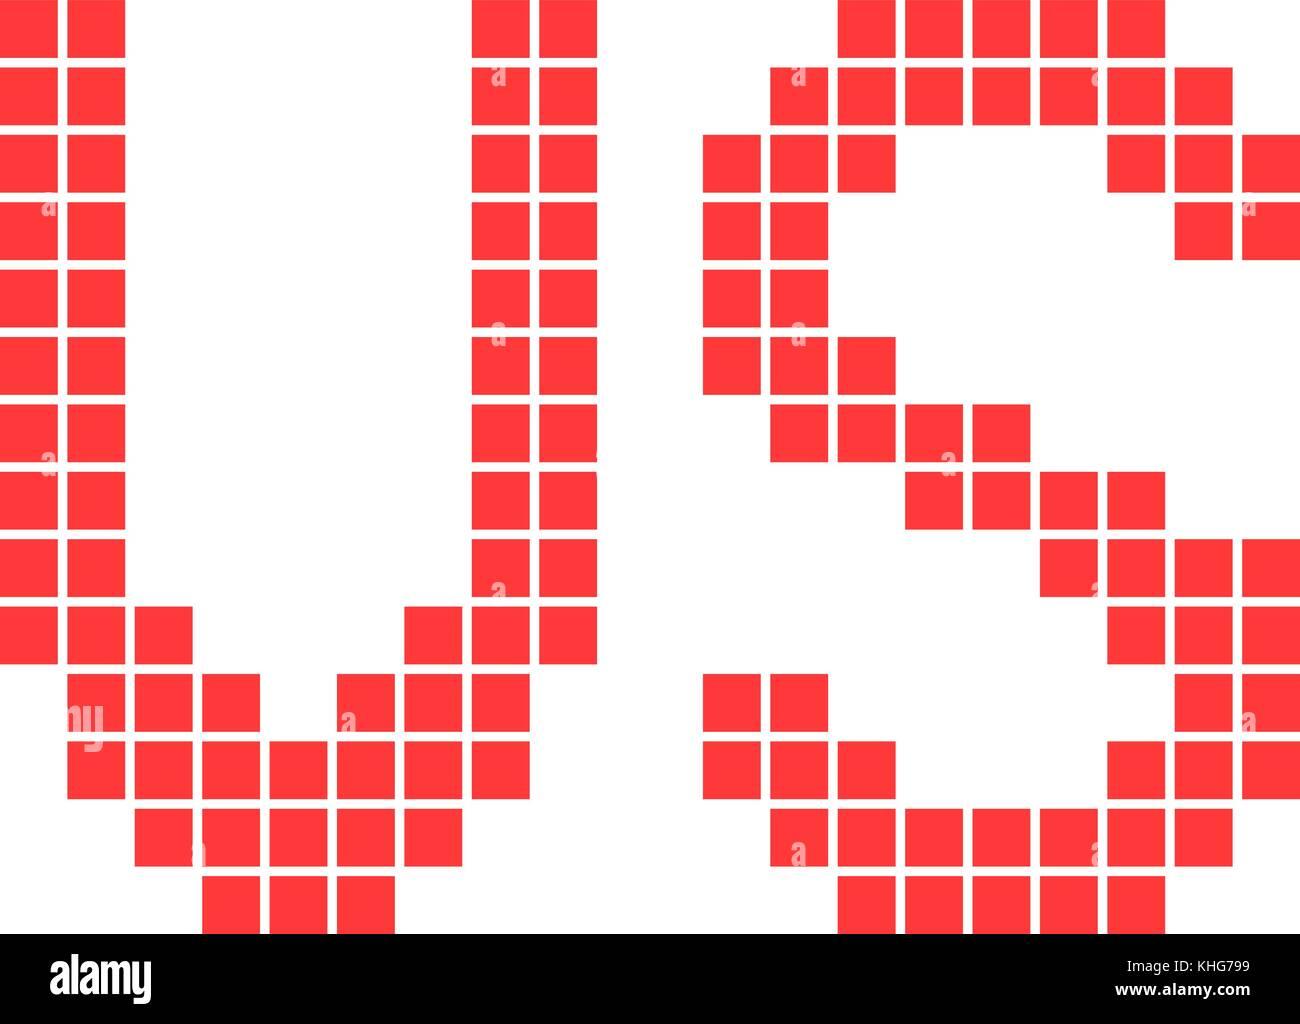 Red Versus Sign In Pixel Art Stock Vector Art Illustration